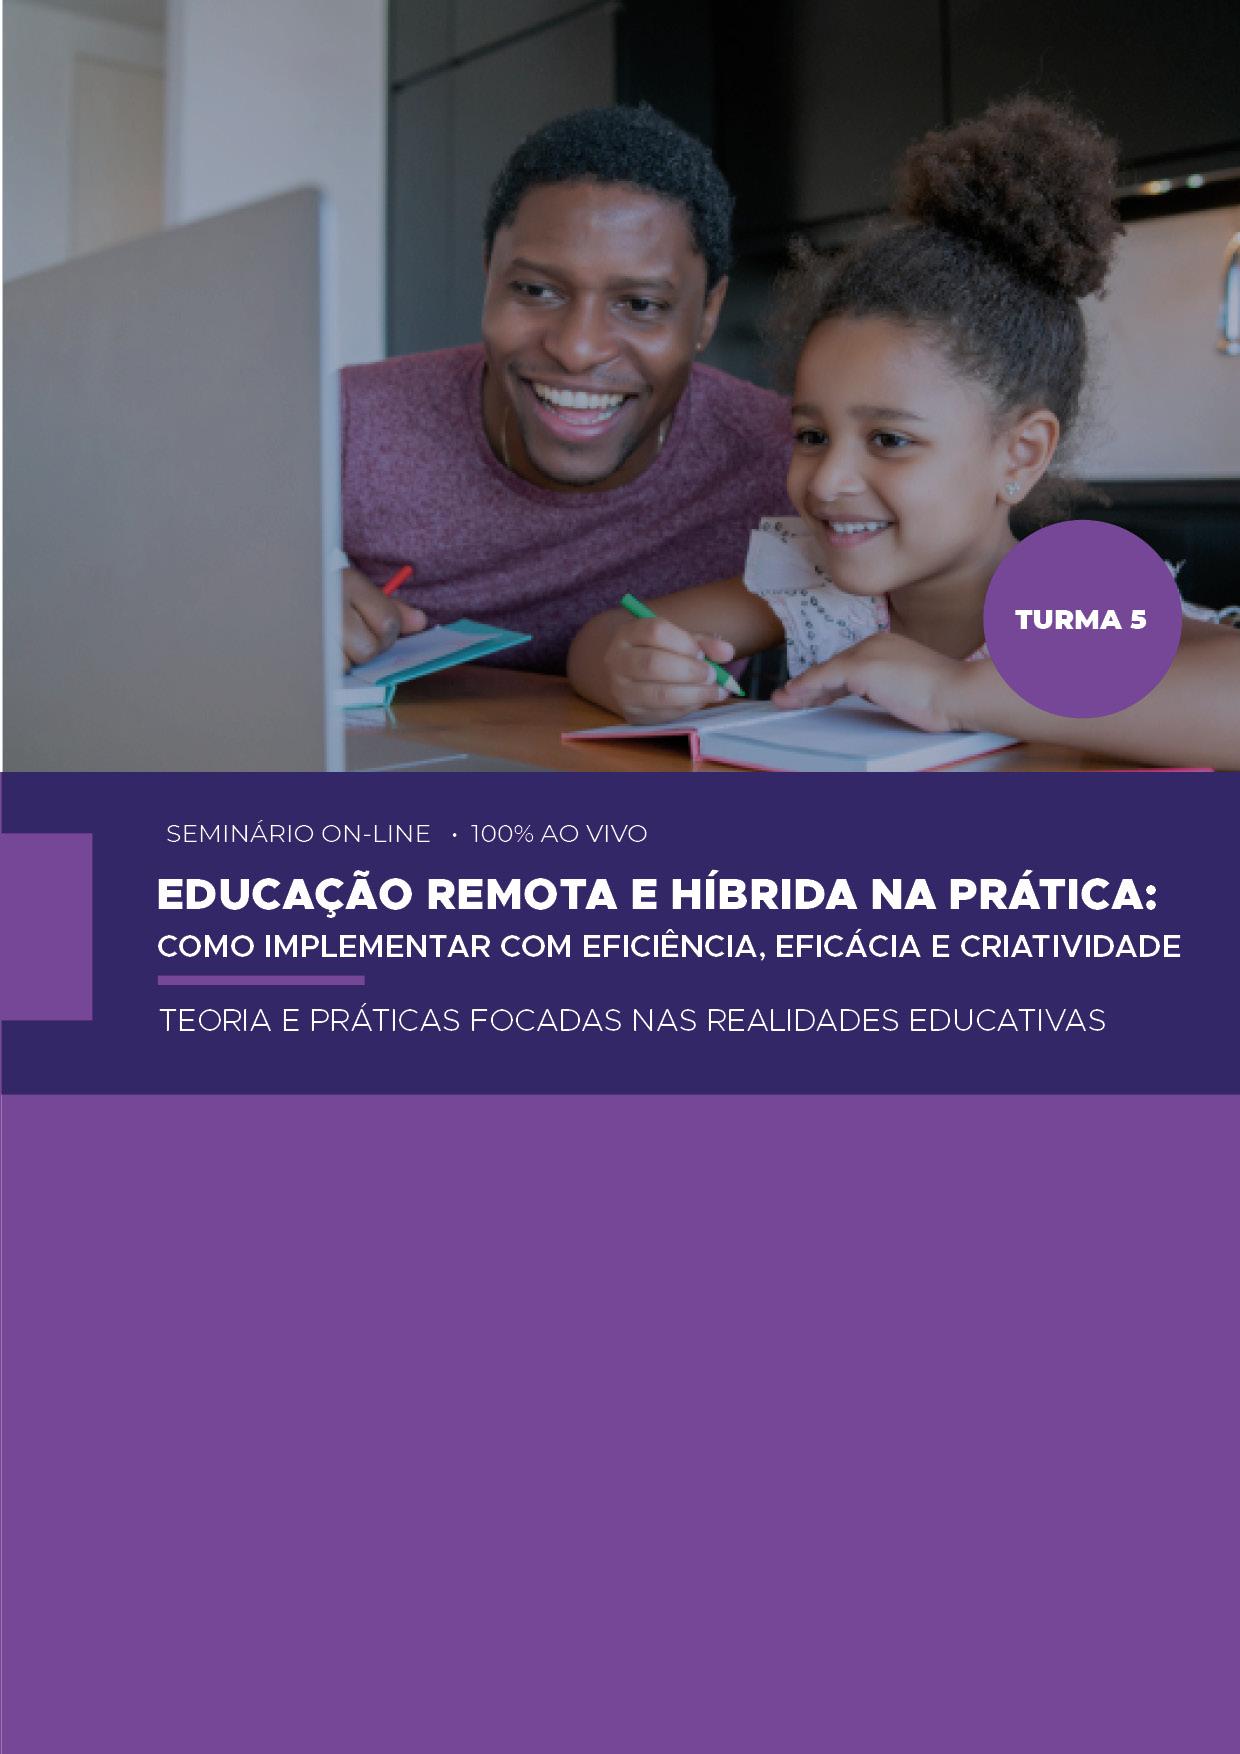 EDUCAÇÃO REMOTA E HÍBRIDA NA PRÁTICA: COMO IMPLEMENTAR COM EFICIÊNCIA, EFICÁCIA E CRIATIVIDADE - TURMA 5